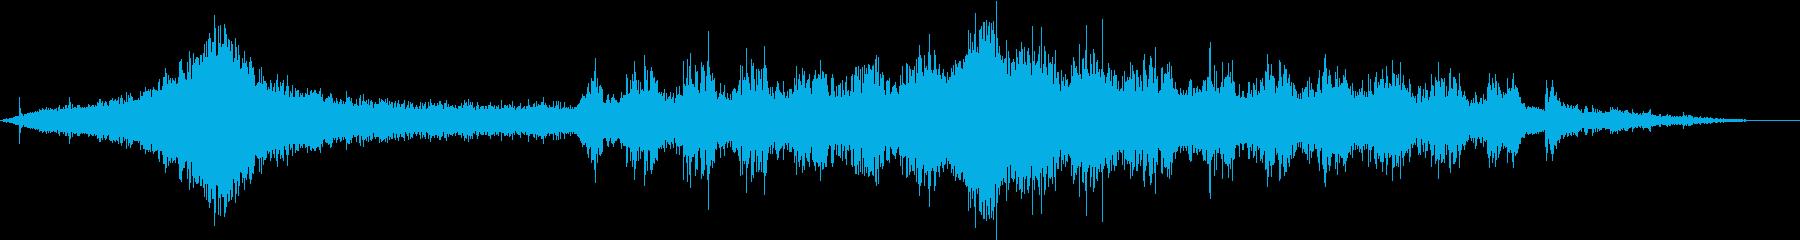 【生録音】車や電車が通る 都会の喧騒の再生済みの波形